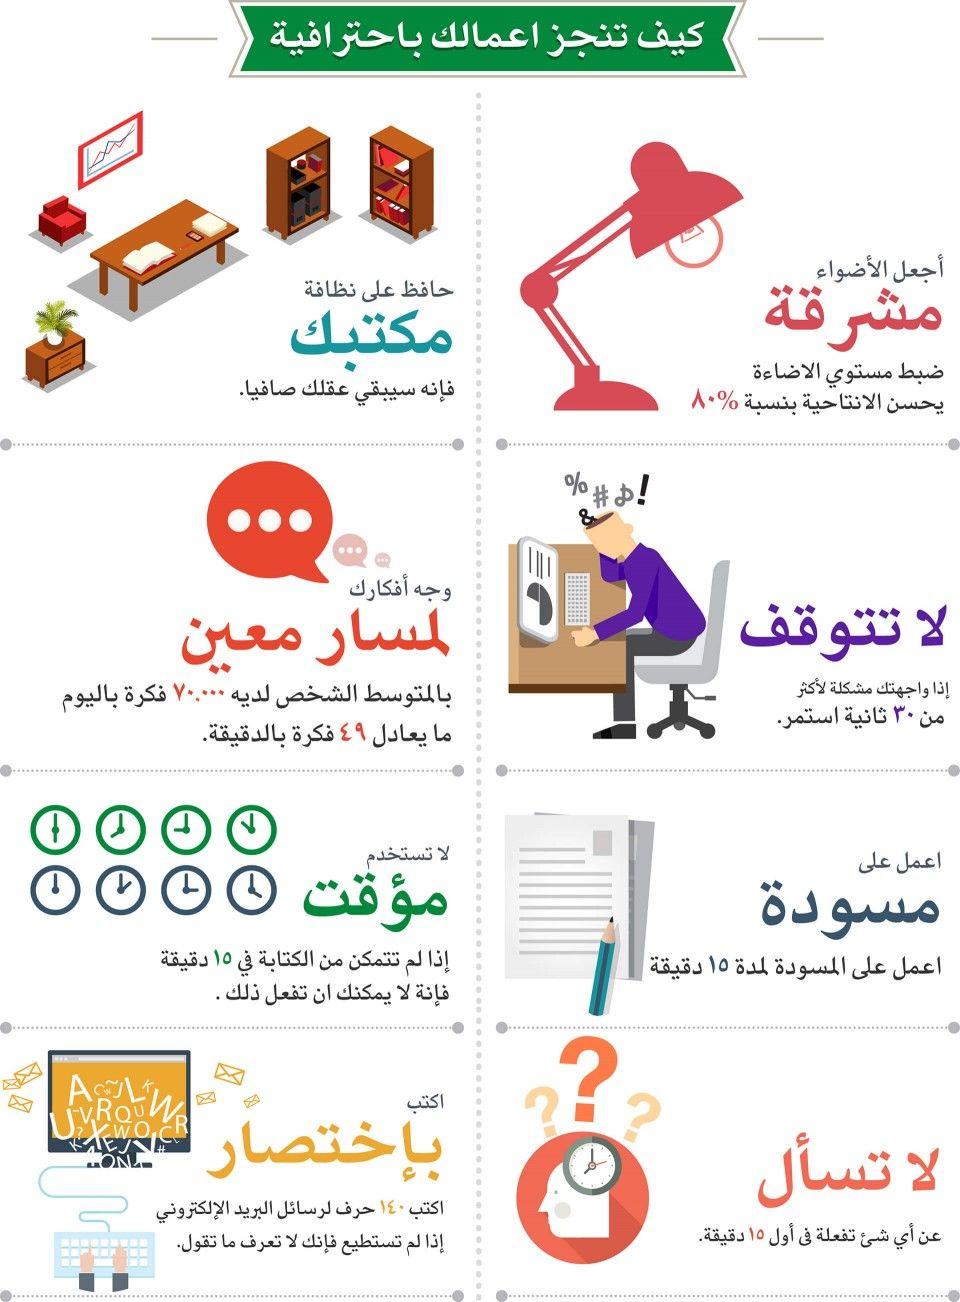 كيف تنجز أعمالك باحترافية Life Skills Activities Learning Websites Life Skills